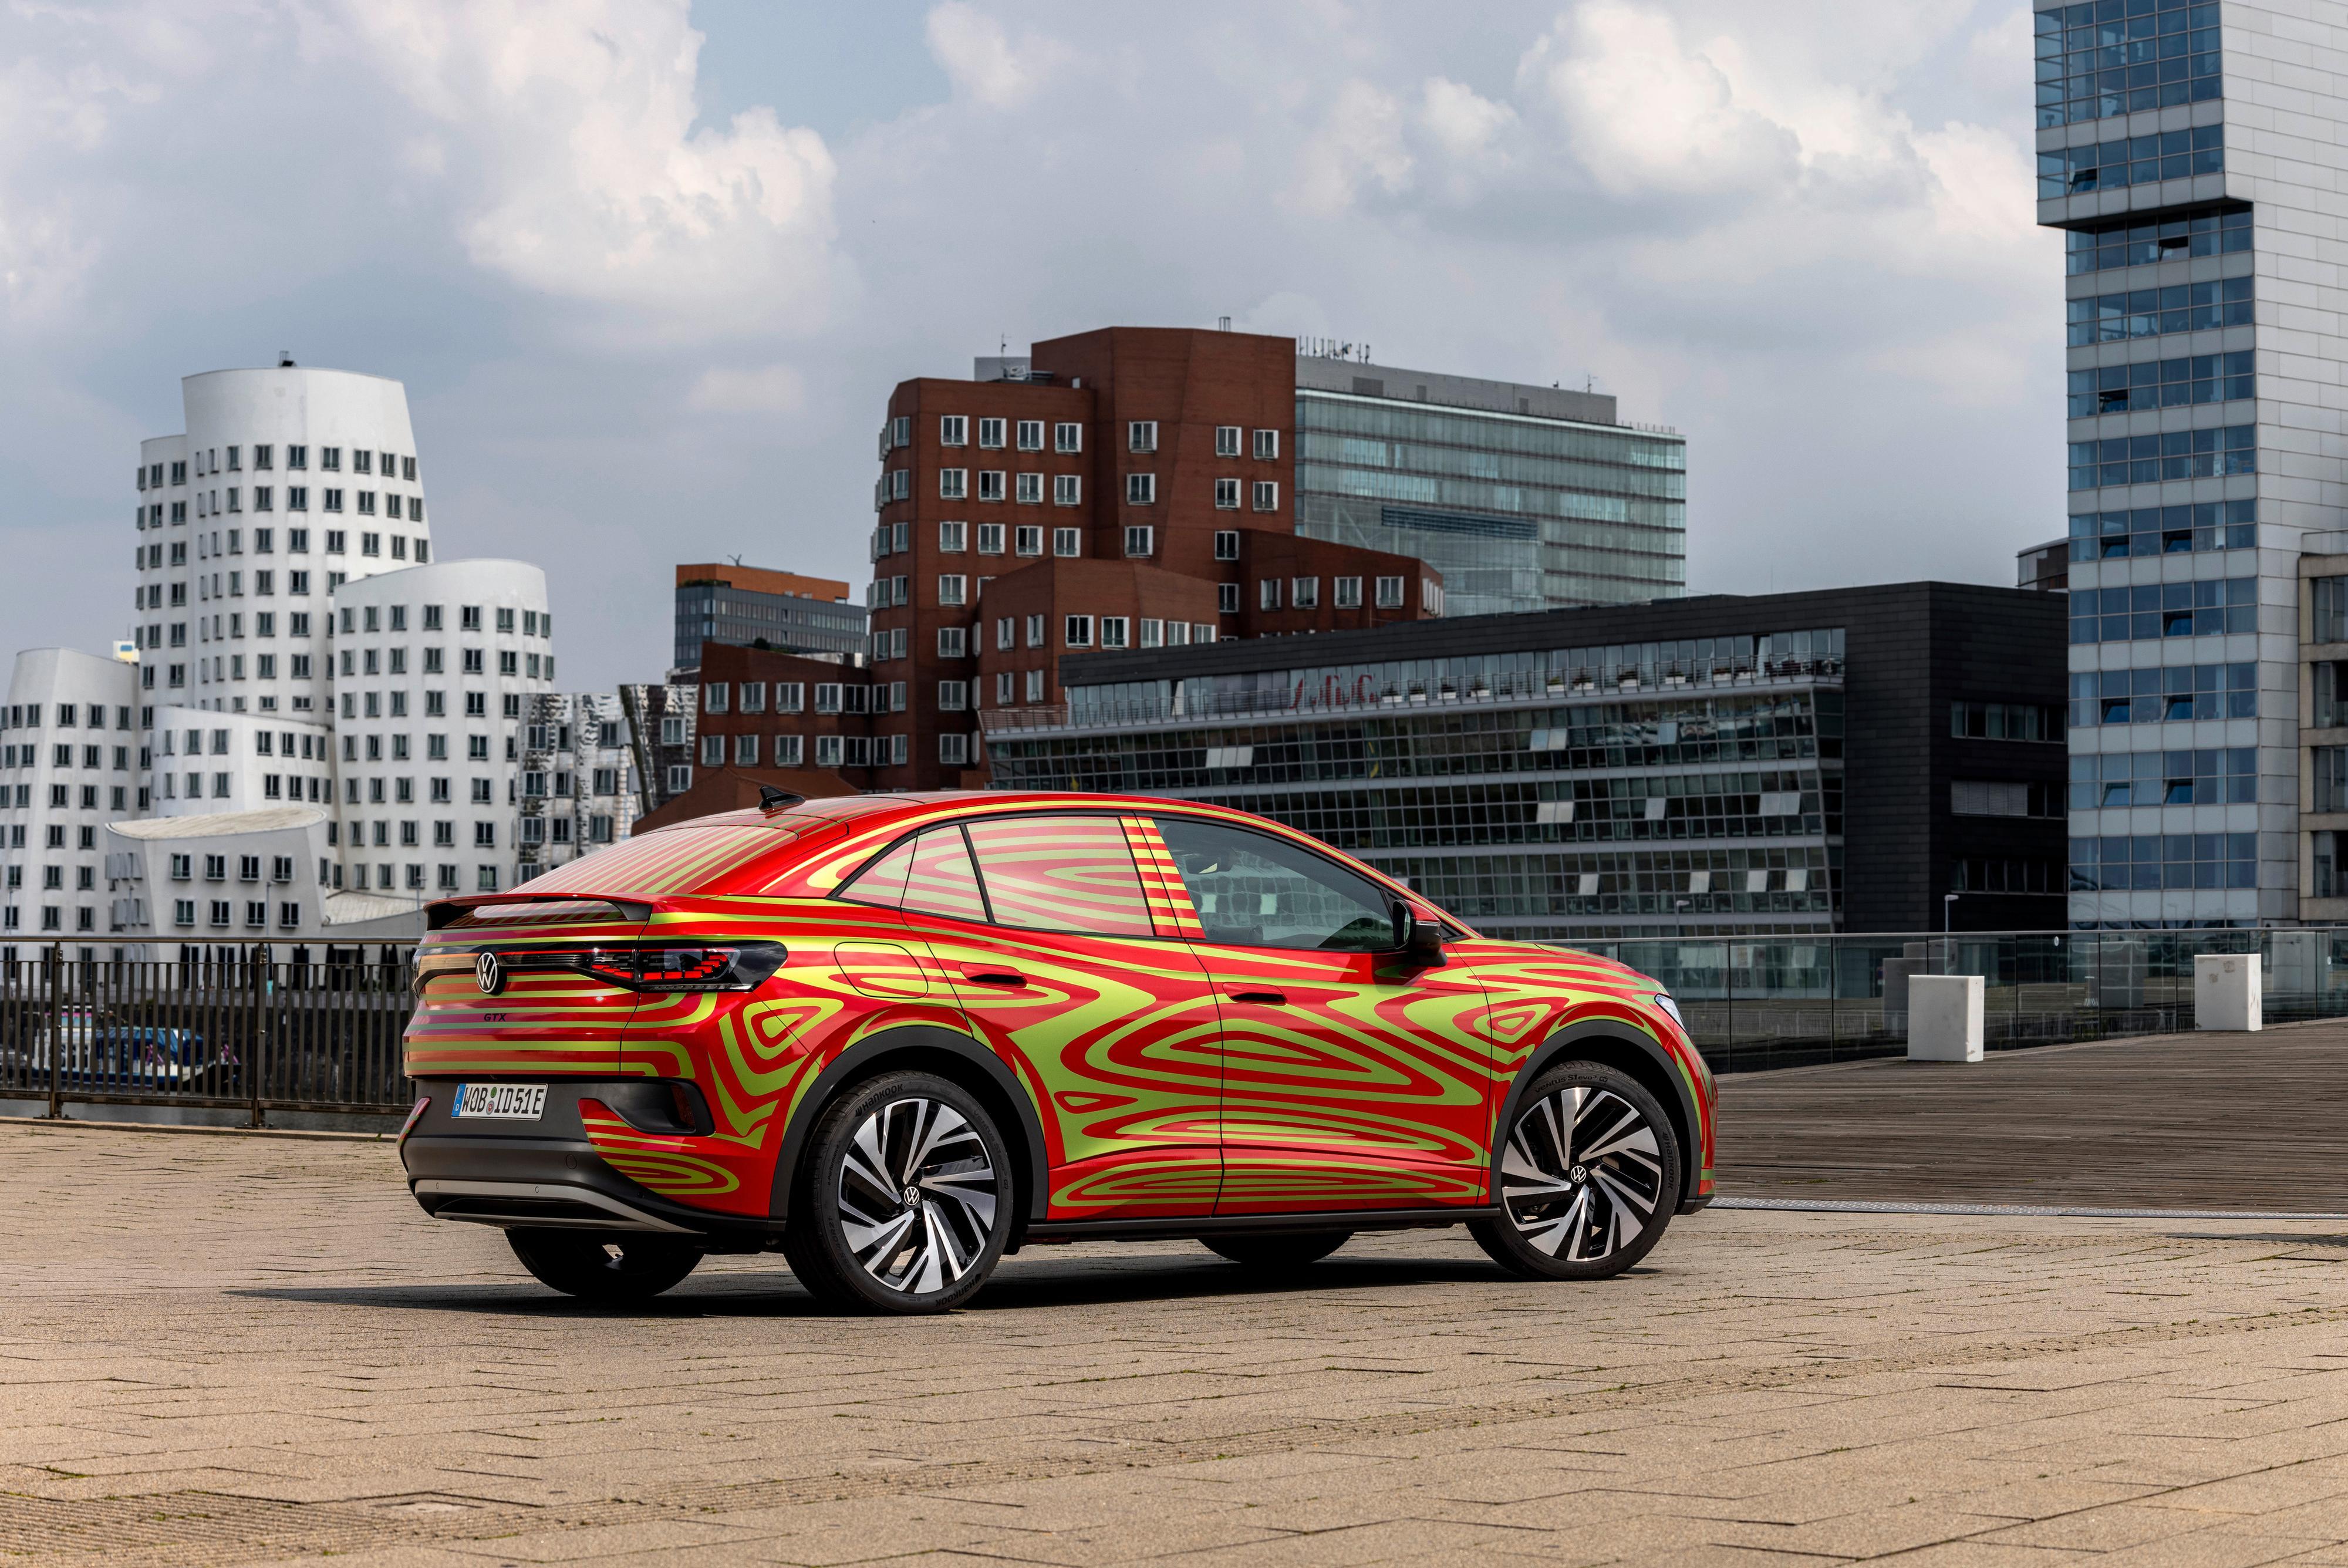 Foreløpig har vi kun sett Volkswagens ID.5 på denne måten, og slik vil den også bli vist frem på bilmessen i München i september.